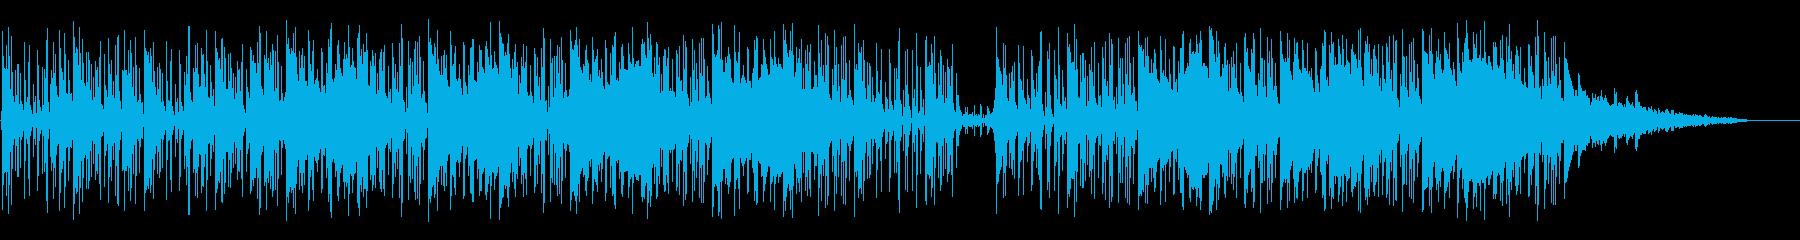 ソフトなピアノとホーンの再生済みの波形